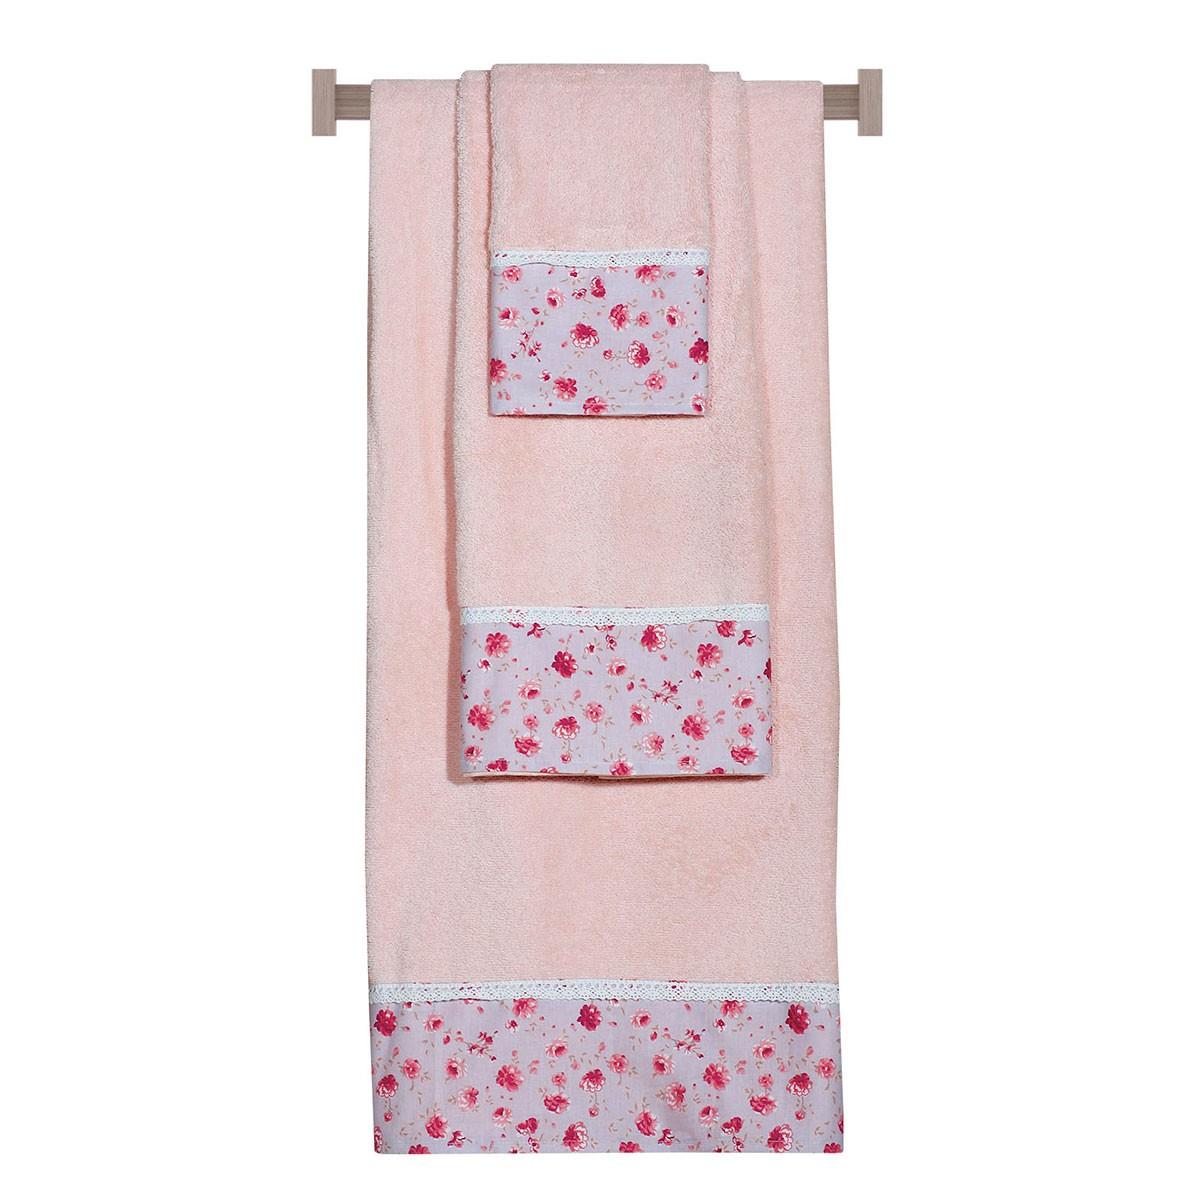 Πετσέτες Μπάνιου (Σετ 3τμχ) Das Home Daily 287